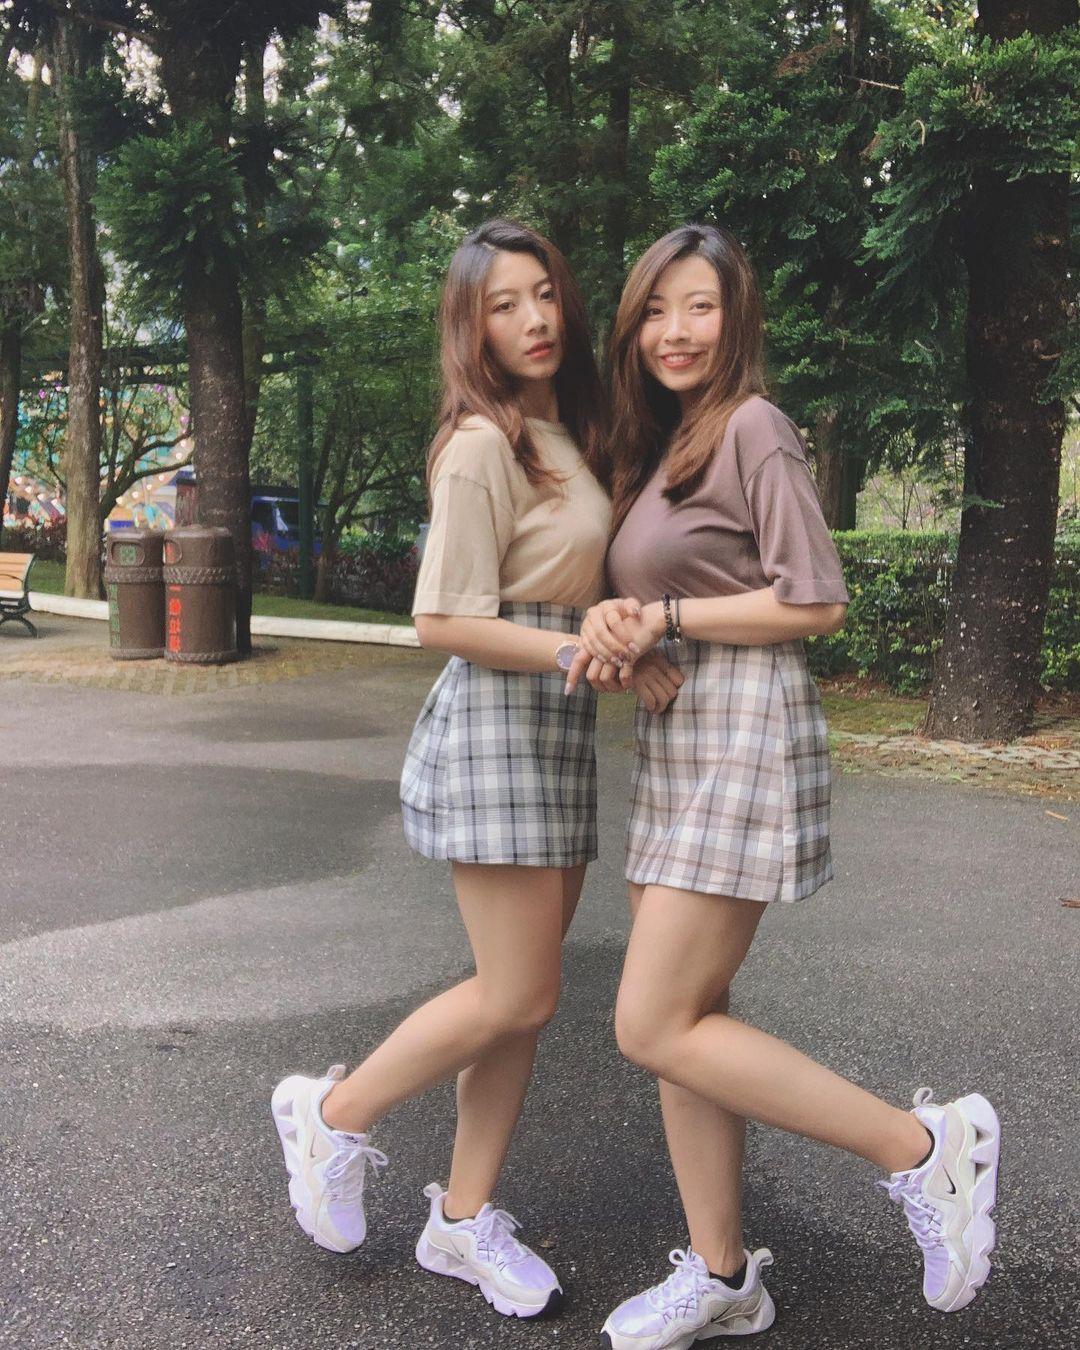 超正双胞胎姐妹身材一样火辣网友:要看胸口刺青才能分 养眼图片 第2张